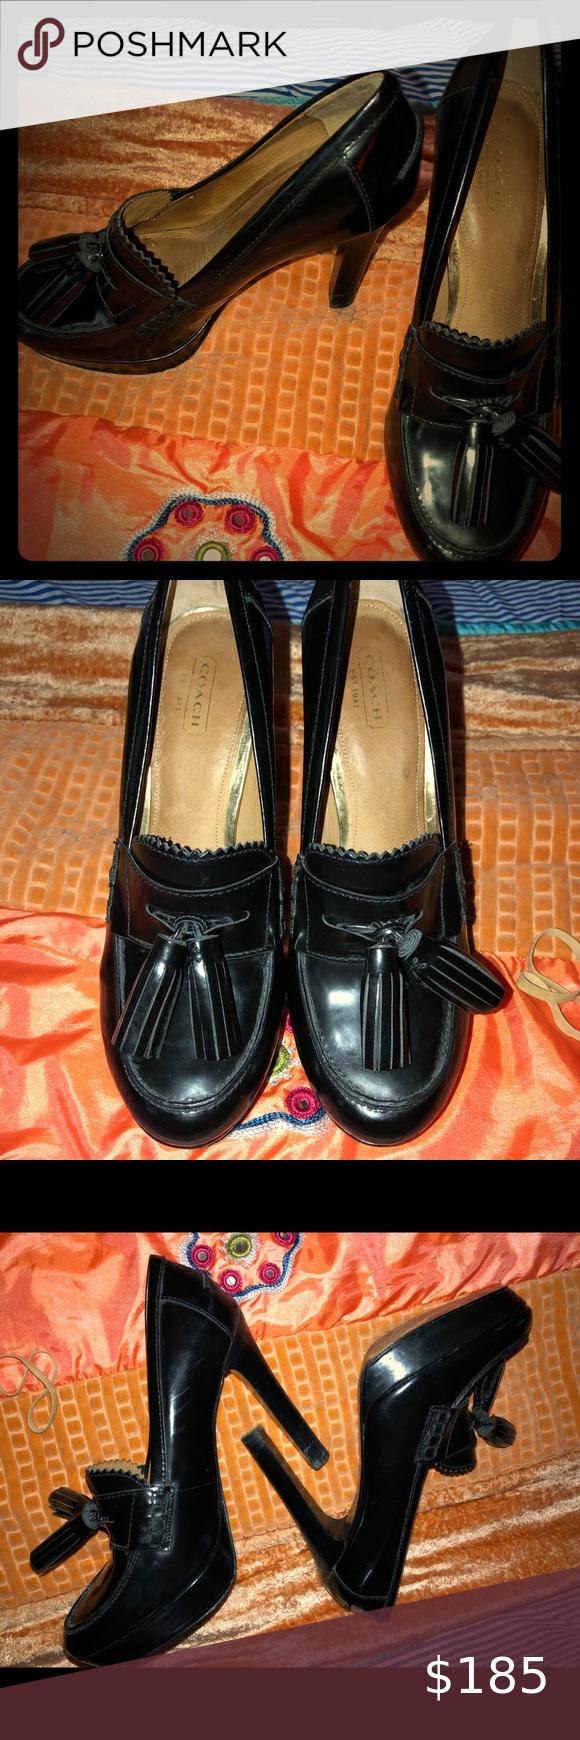 Sz 8 Black Coach Tassels Pumps In 2020 Tassel Pumps Shoes Women Heels Pumps